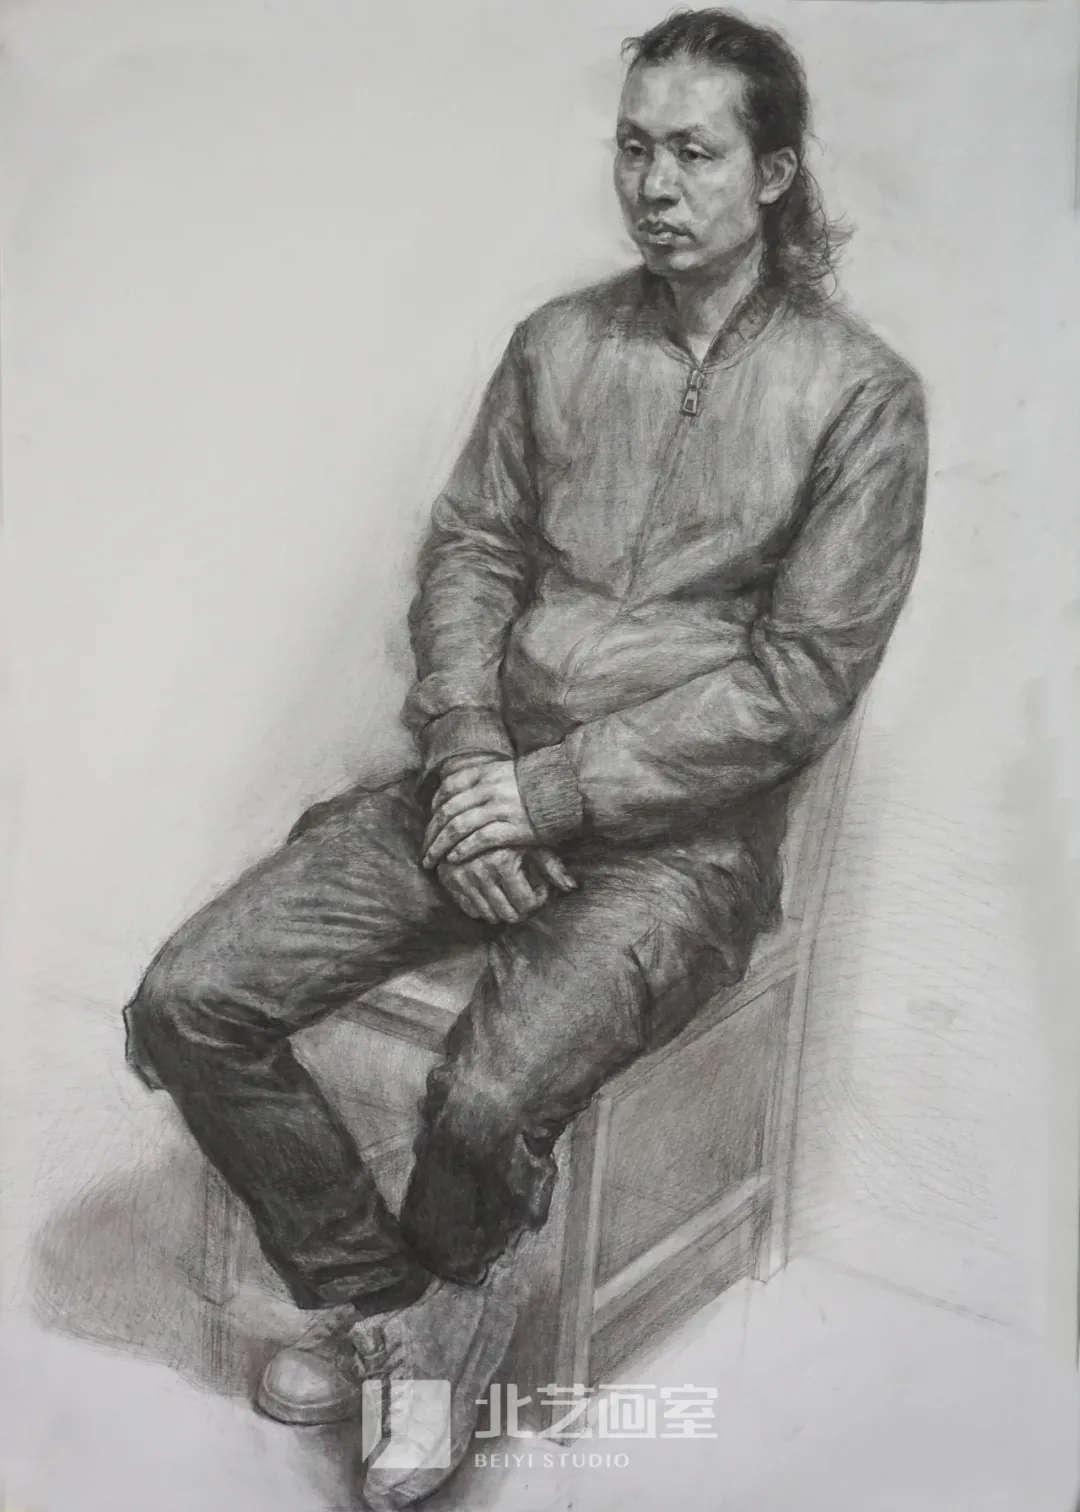 素描半身像作品——男中年四分之三侧坐姿